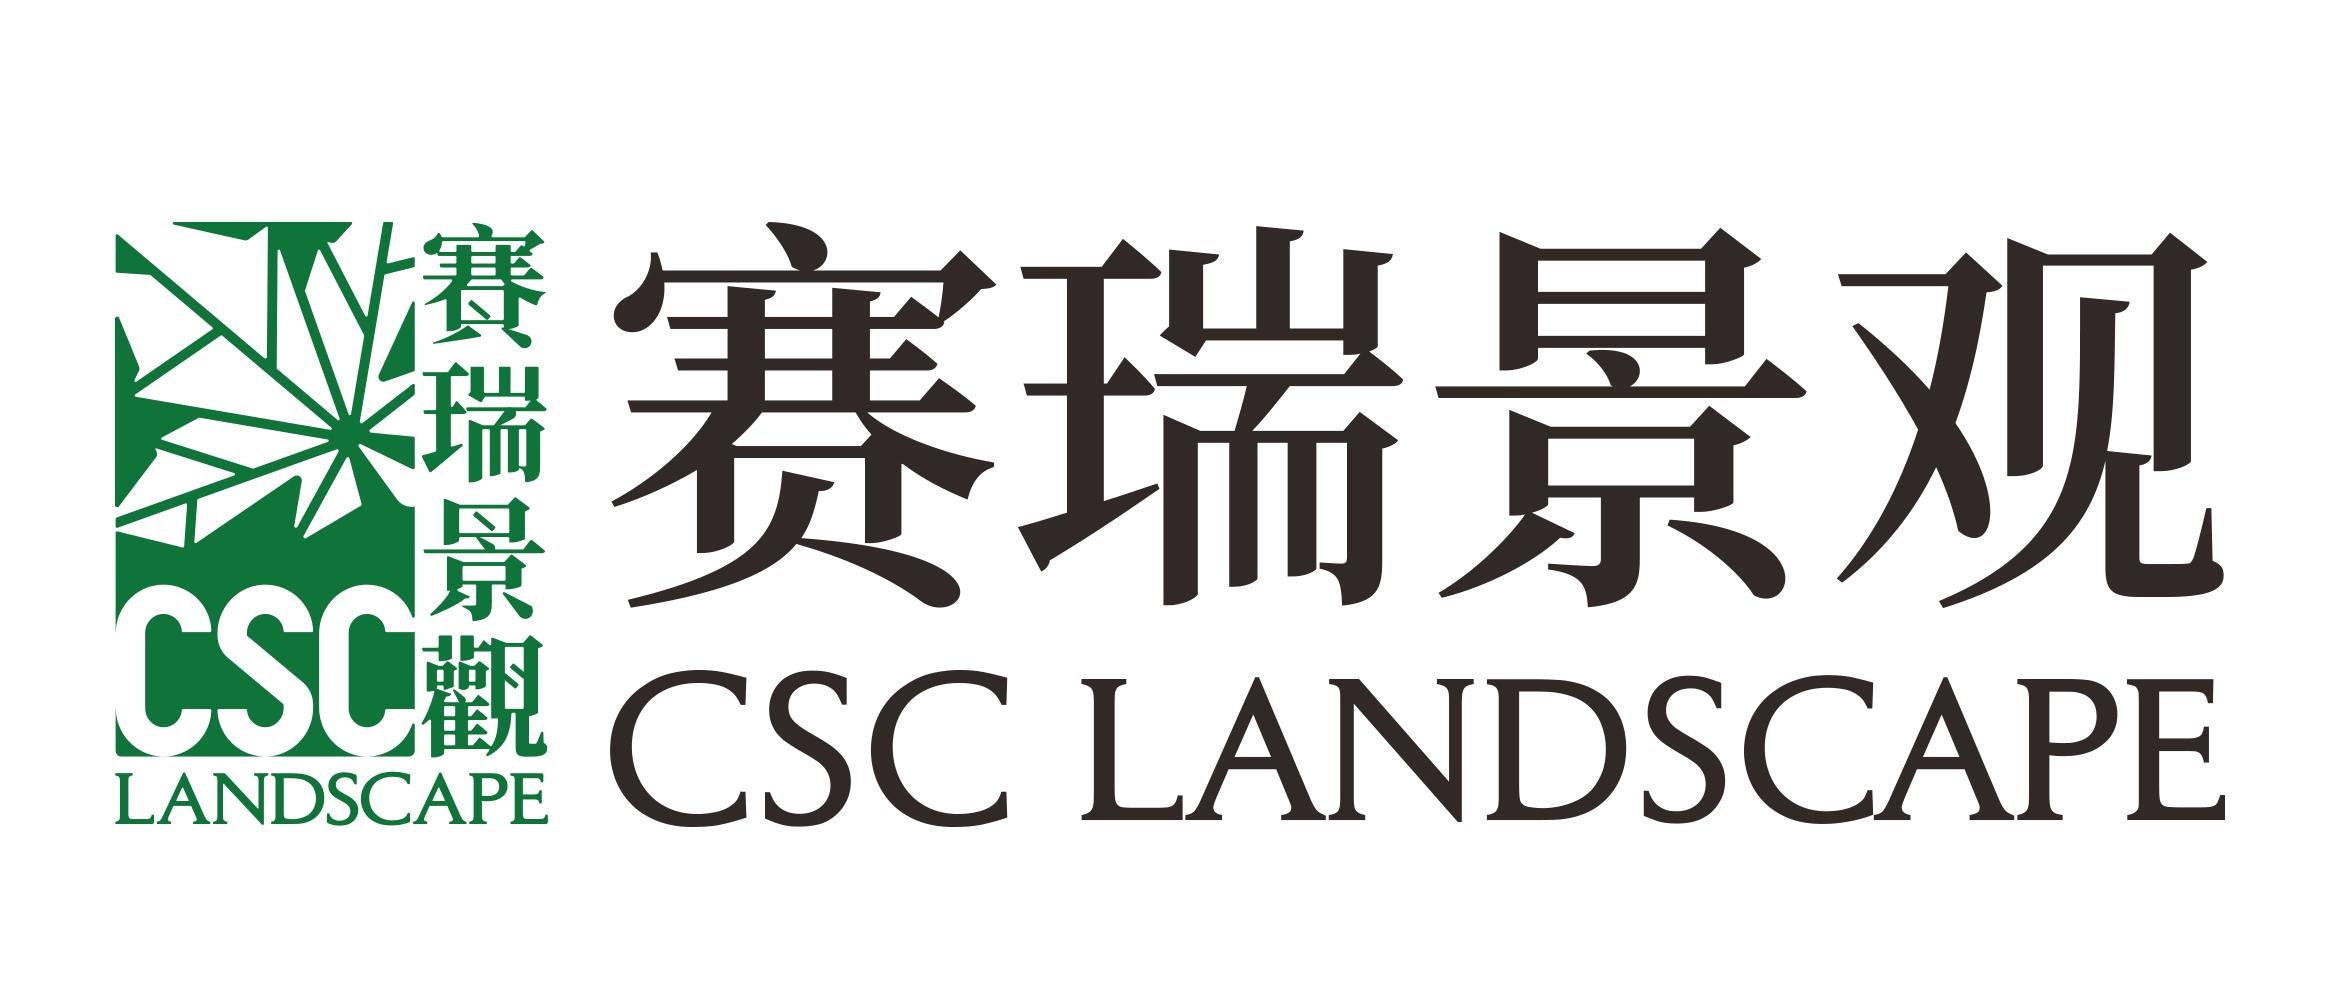 深圳市赛瑞景观工程设计有限公司